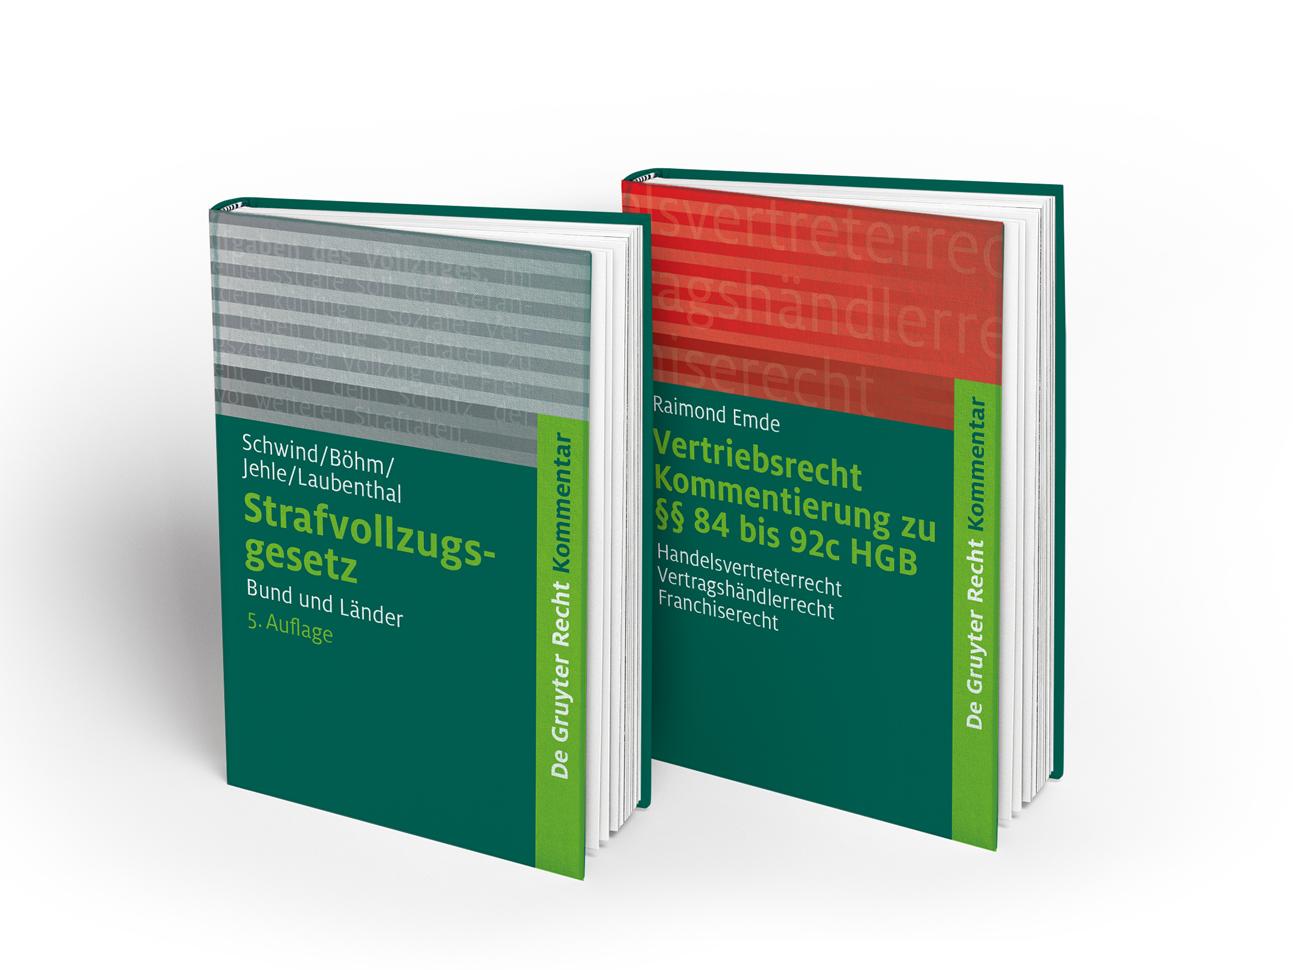 juristische fachbücher müssen nicht langweilig aussehen. textauszüge werden bei den kommentarbänden als bild gestaltet.